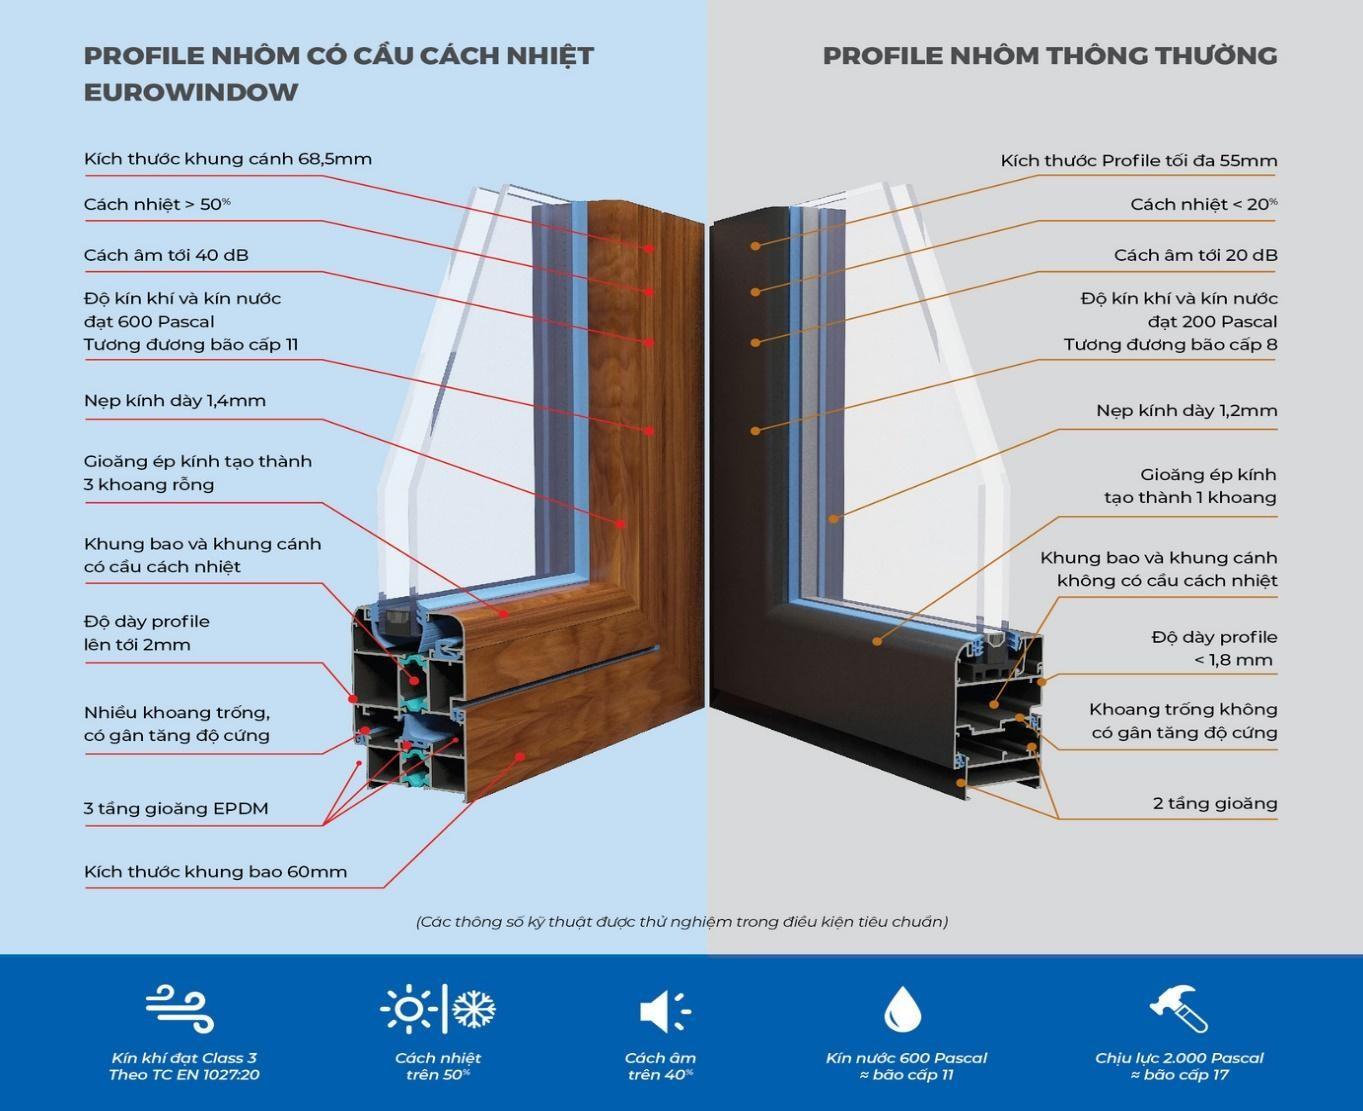 Cửa nhôm có cầu cách nhiệt có gì khác biệt với cửa nhôm thường?